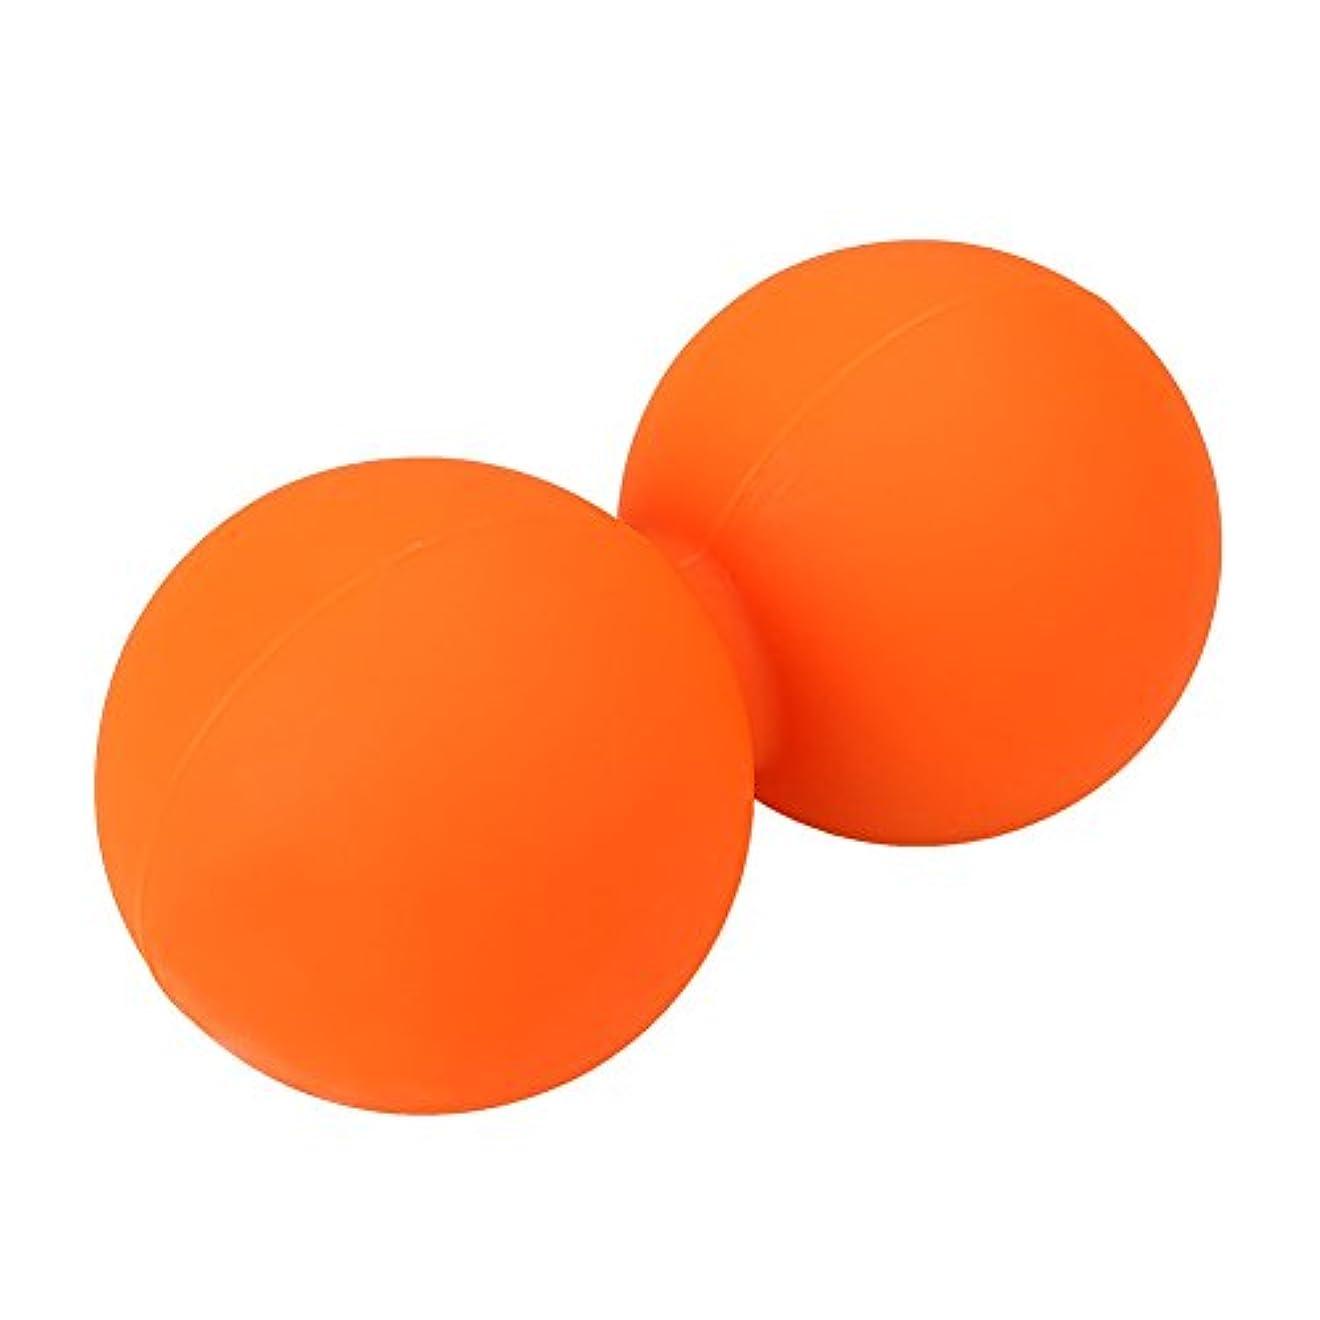 練習した多年生尊敬するwlgreatsp ダブルラクロスMyofascialトリガーポイントリリースマッサージクロスボールエクササイズ